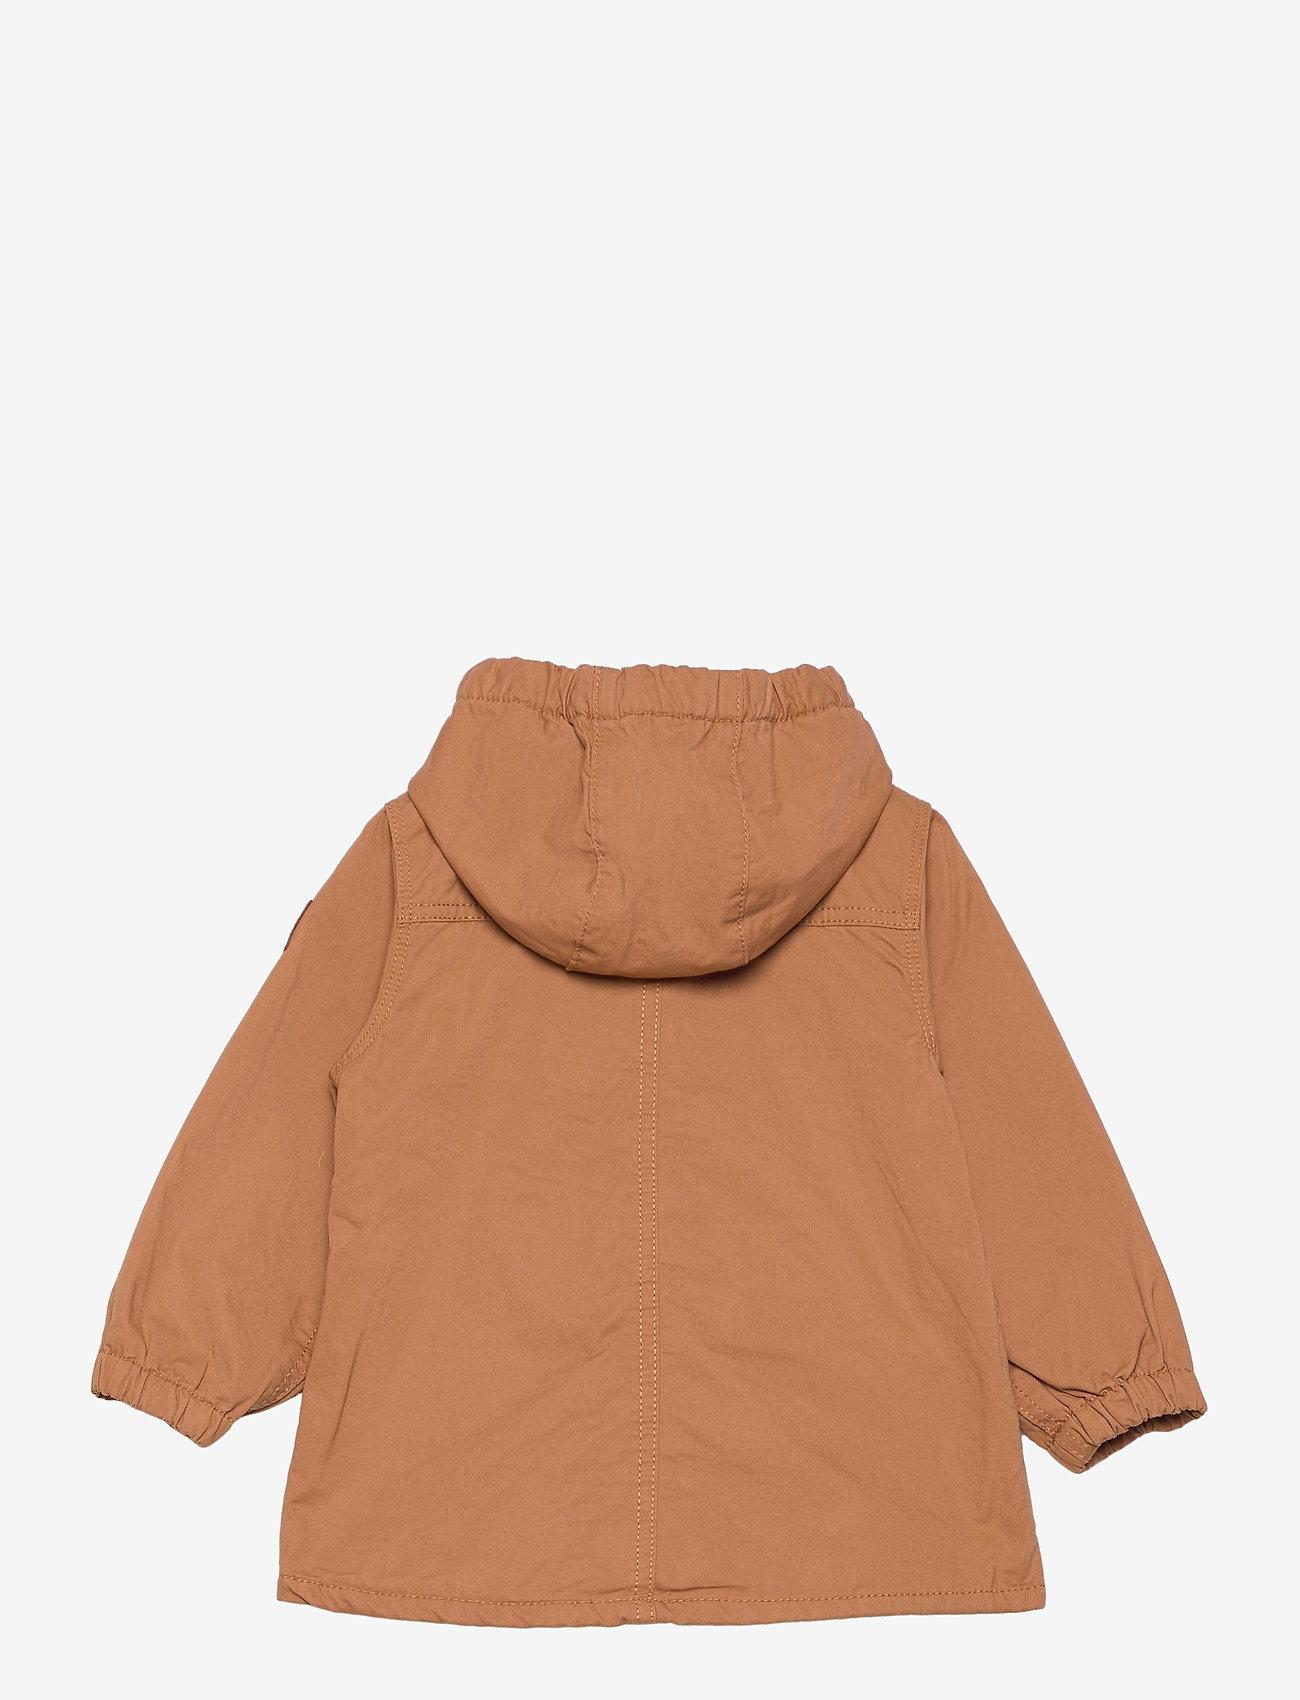 Lindex - Jacket cotton parka - parkas - brown - 1